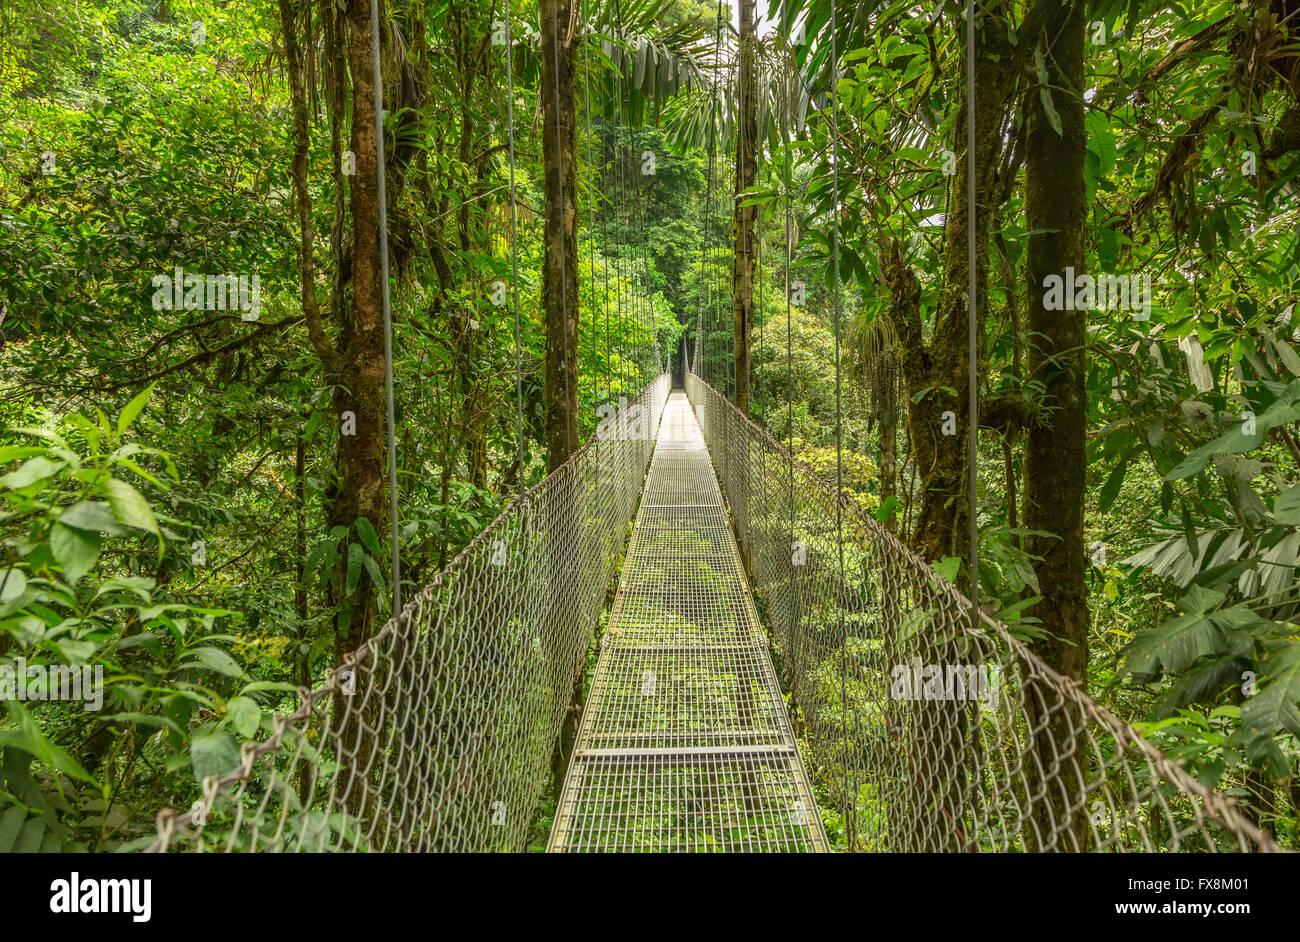 Ponte sospeso a foresta pluviale naturale parco, Costa Rica Immagini Stock